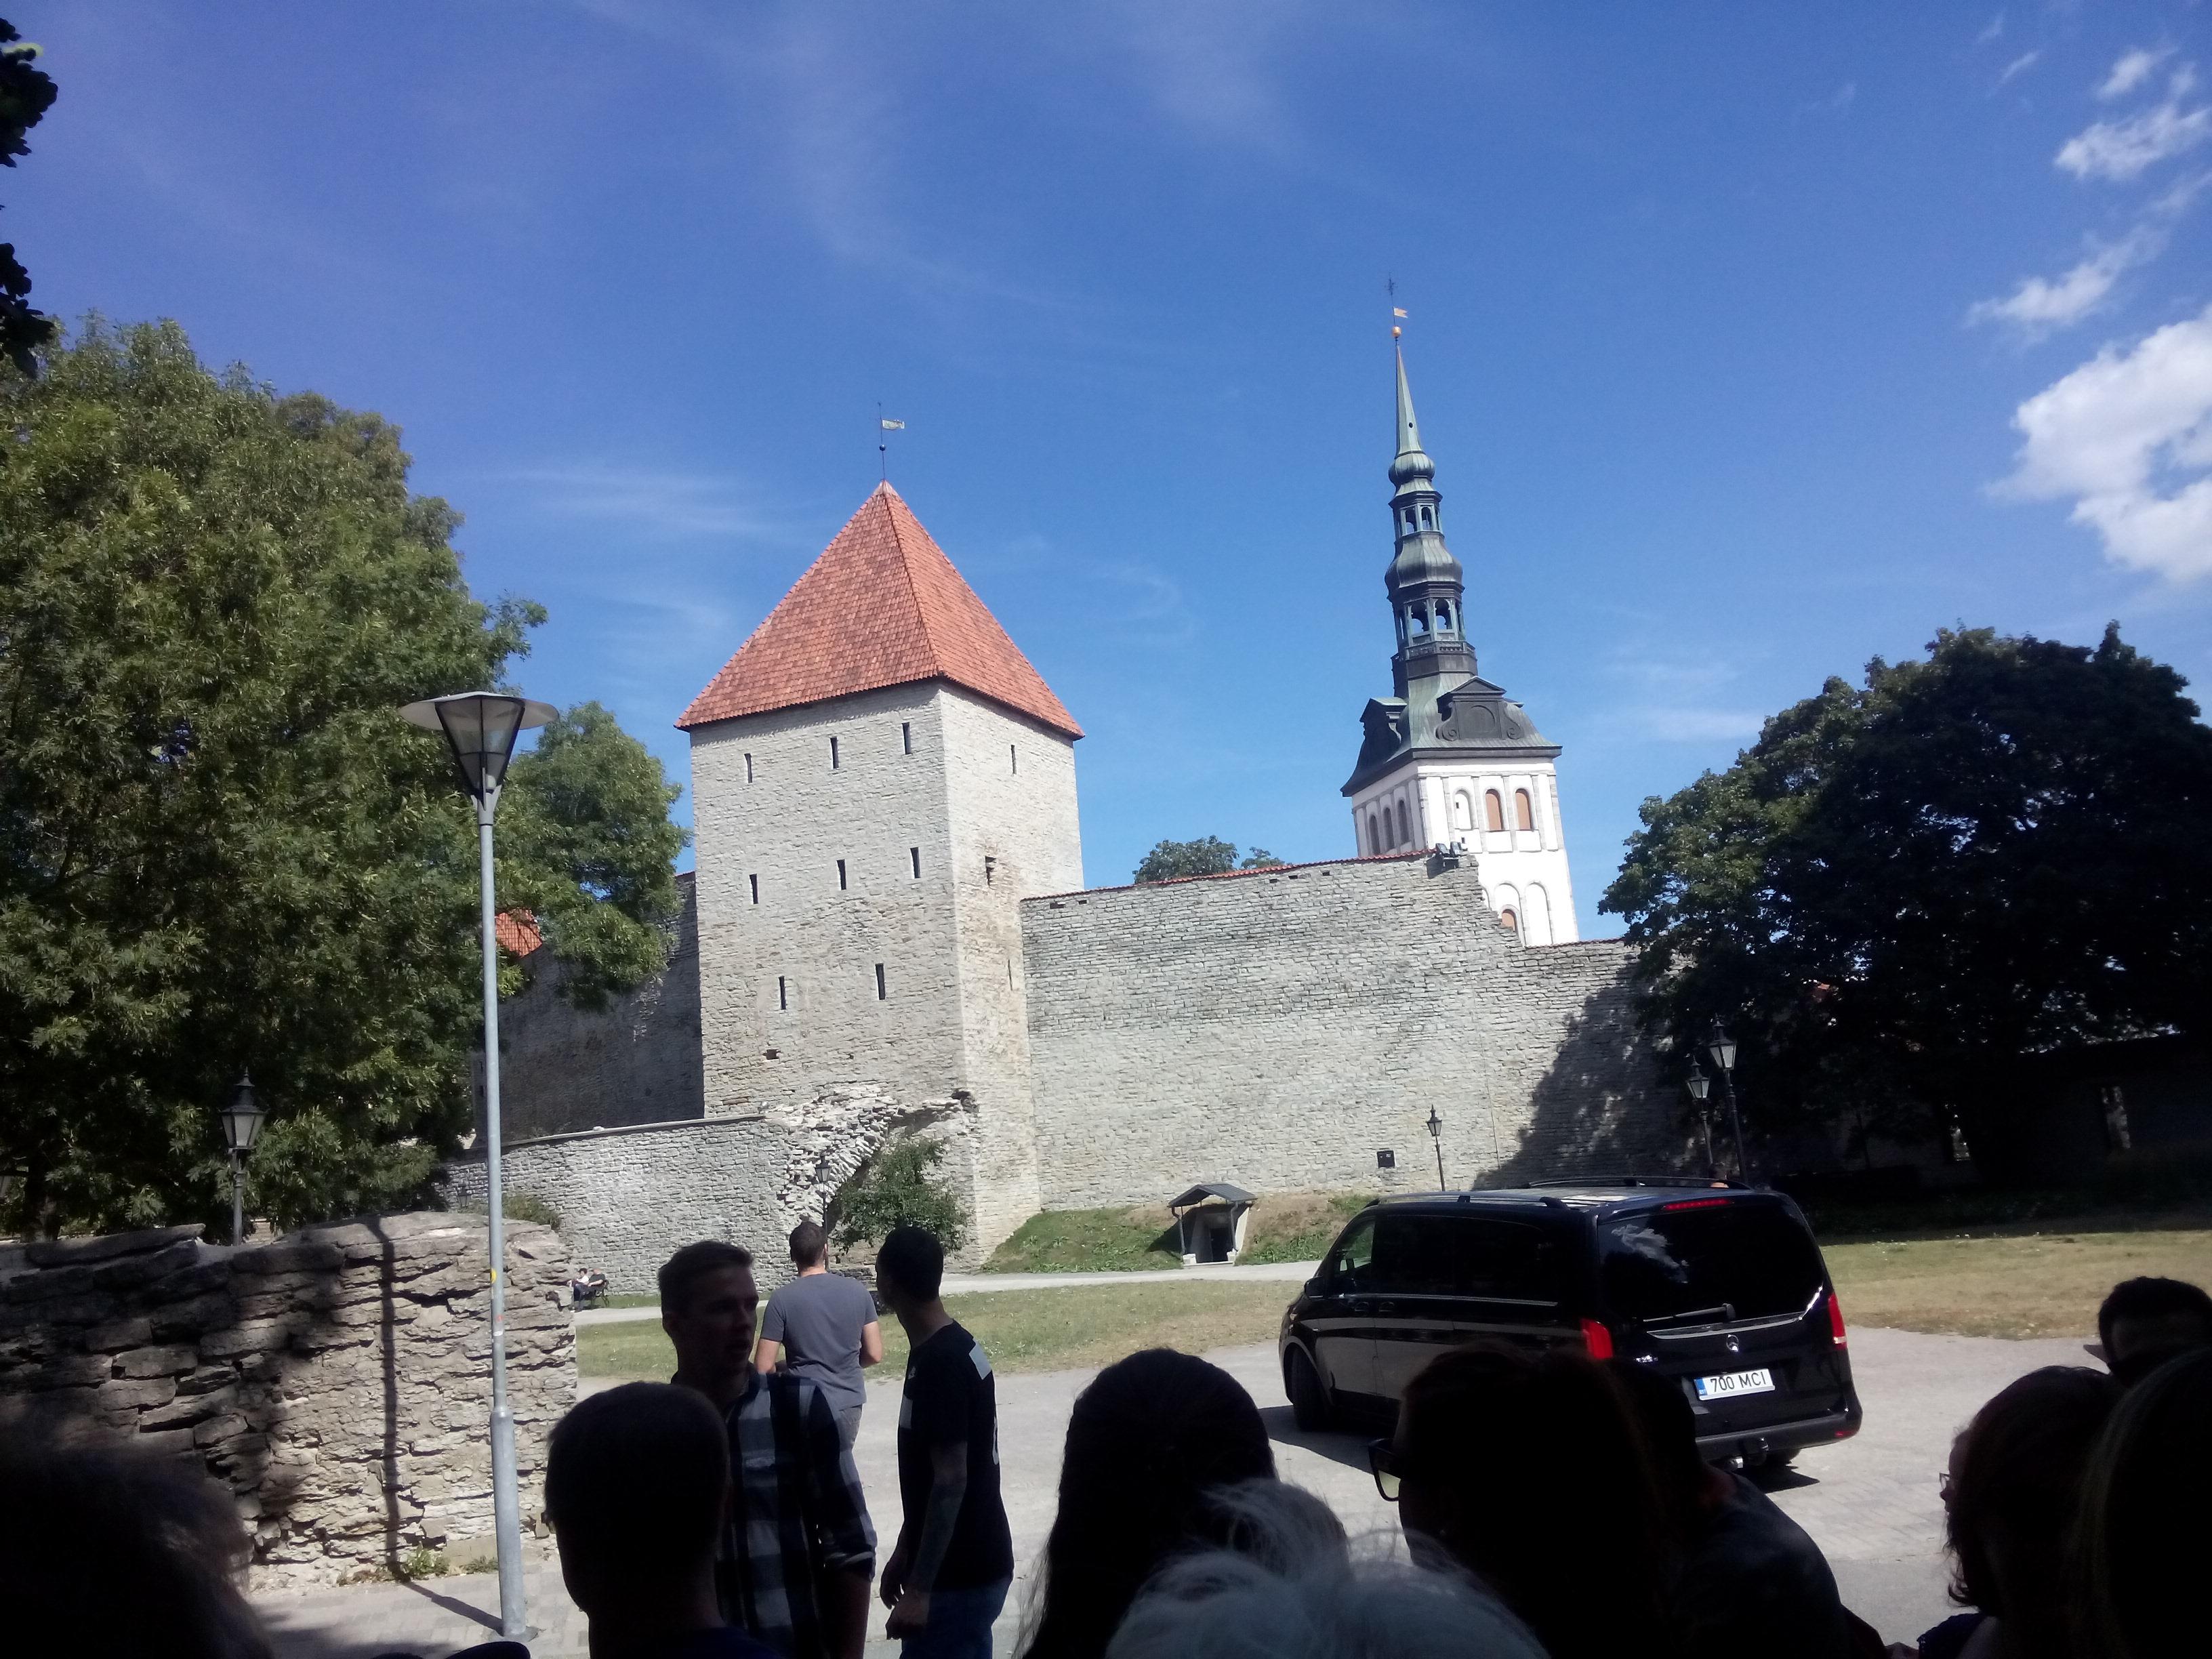 https://i.amy.gy/201808-estonia/IMG_20180811_124445.jpg